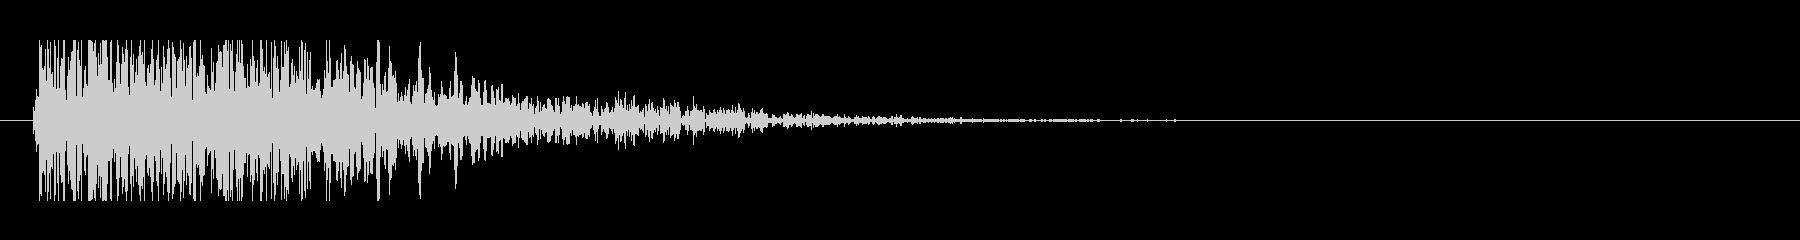 SF風の発射音の未再生の波形